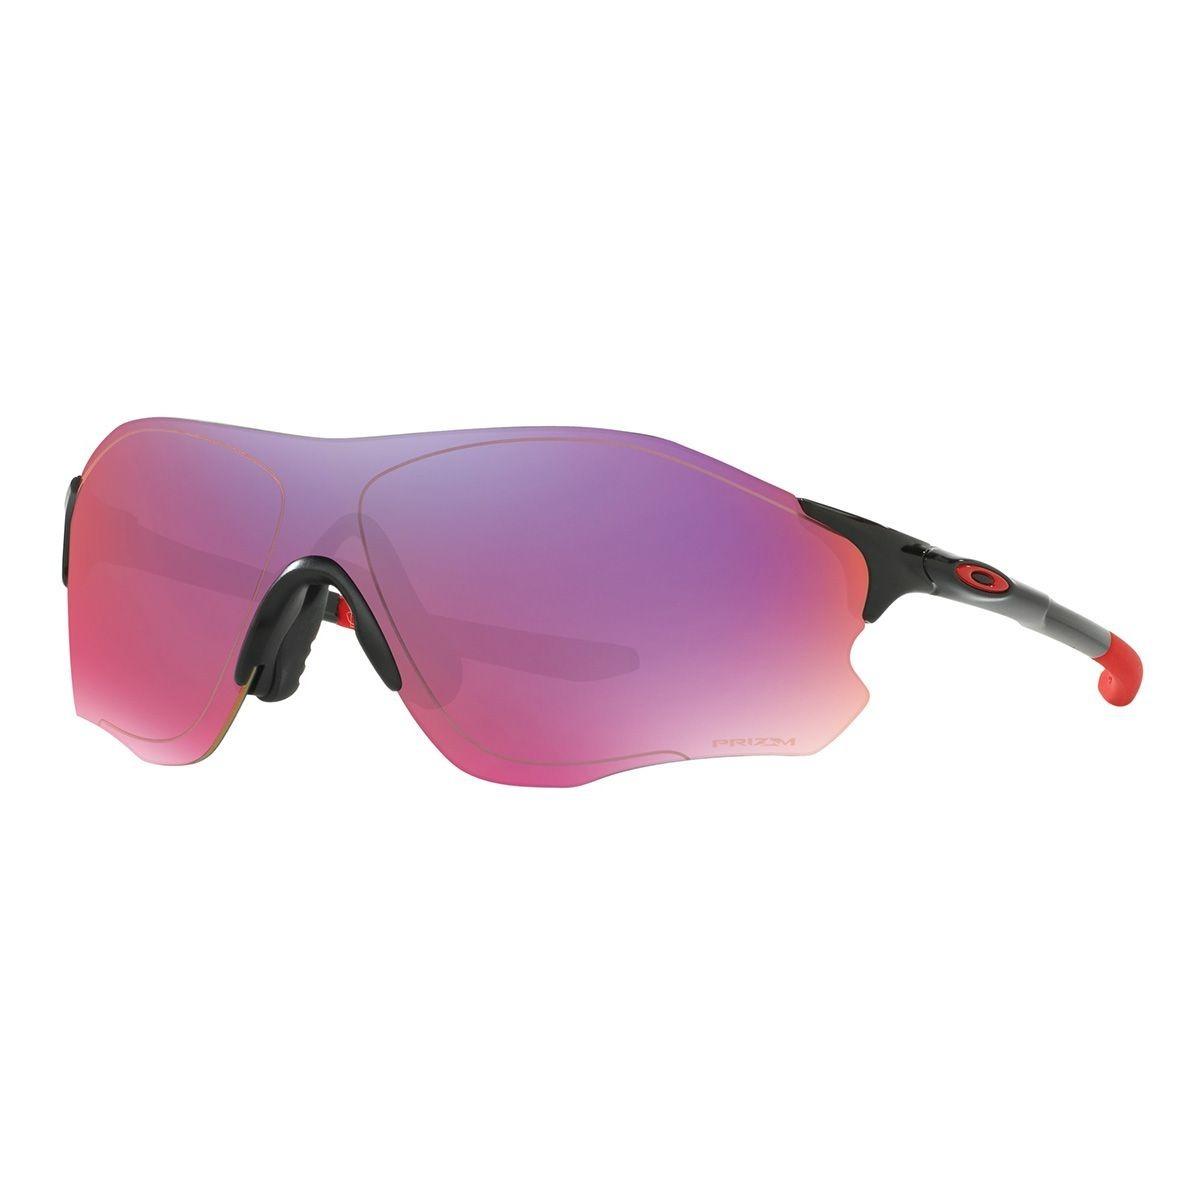 Óculos De Sol Oakley Evzero Path Oo9308-16 Original - R  563,90 em ... 38e746d021